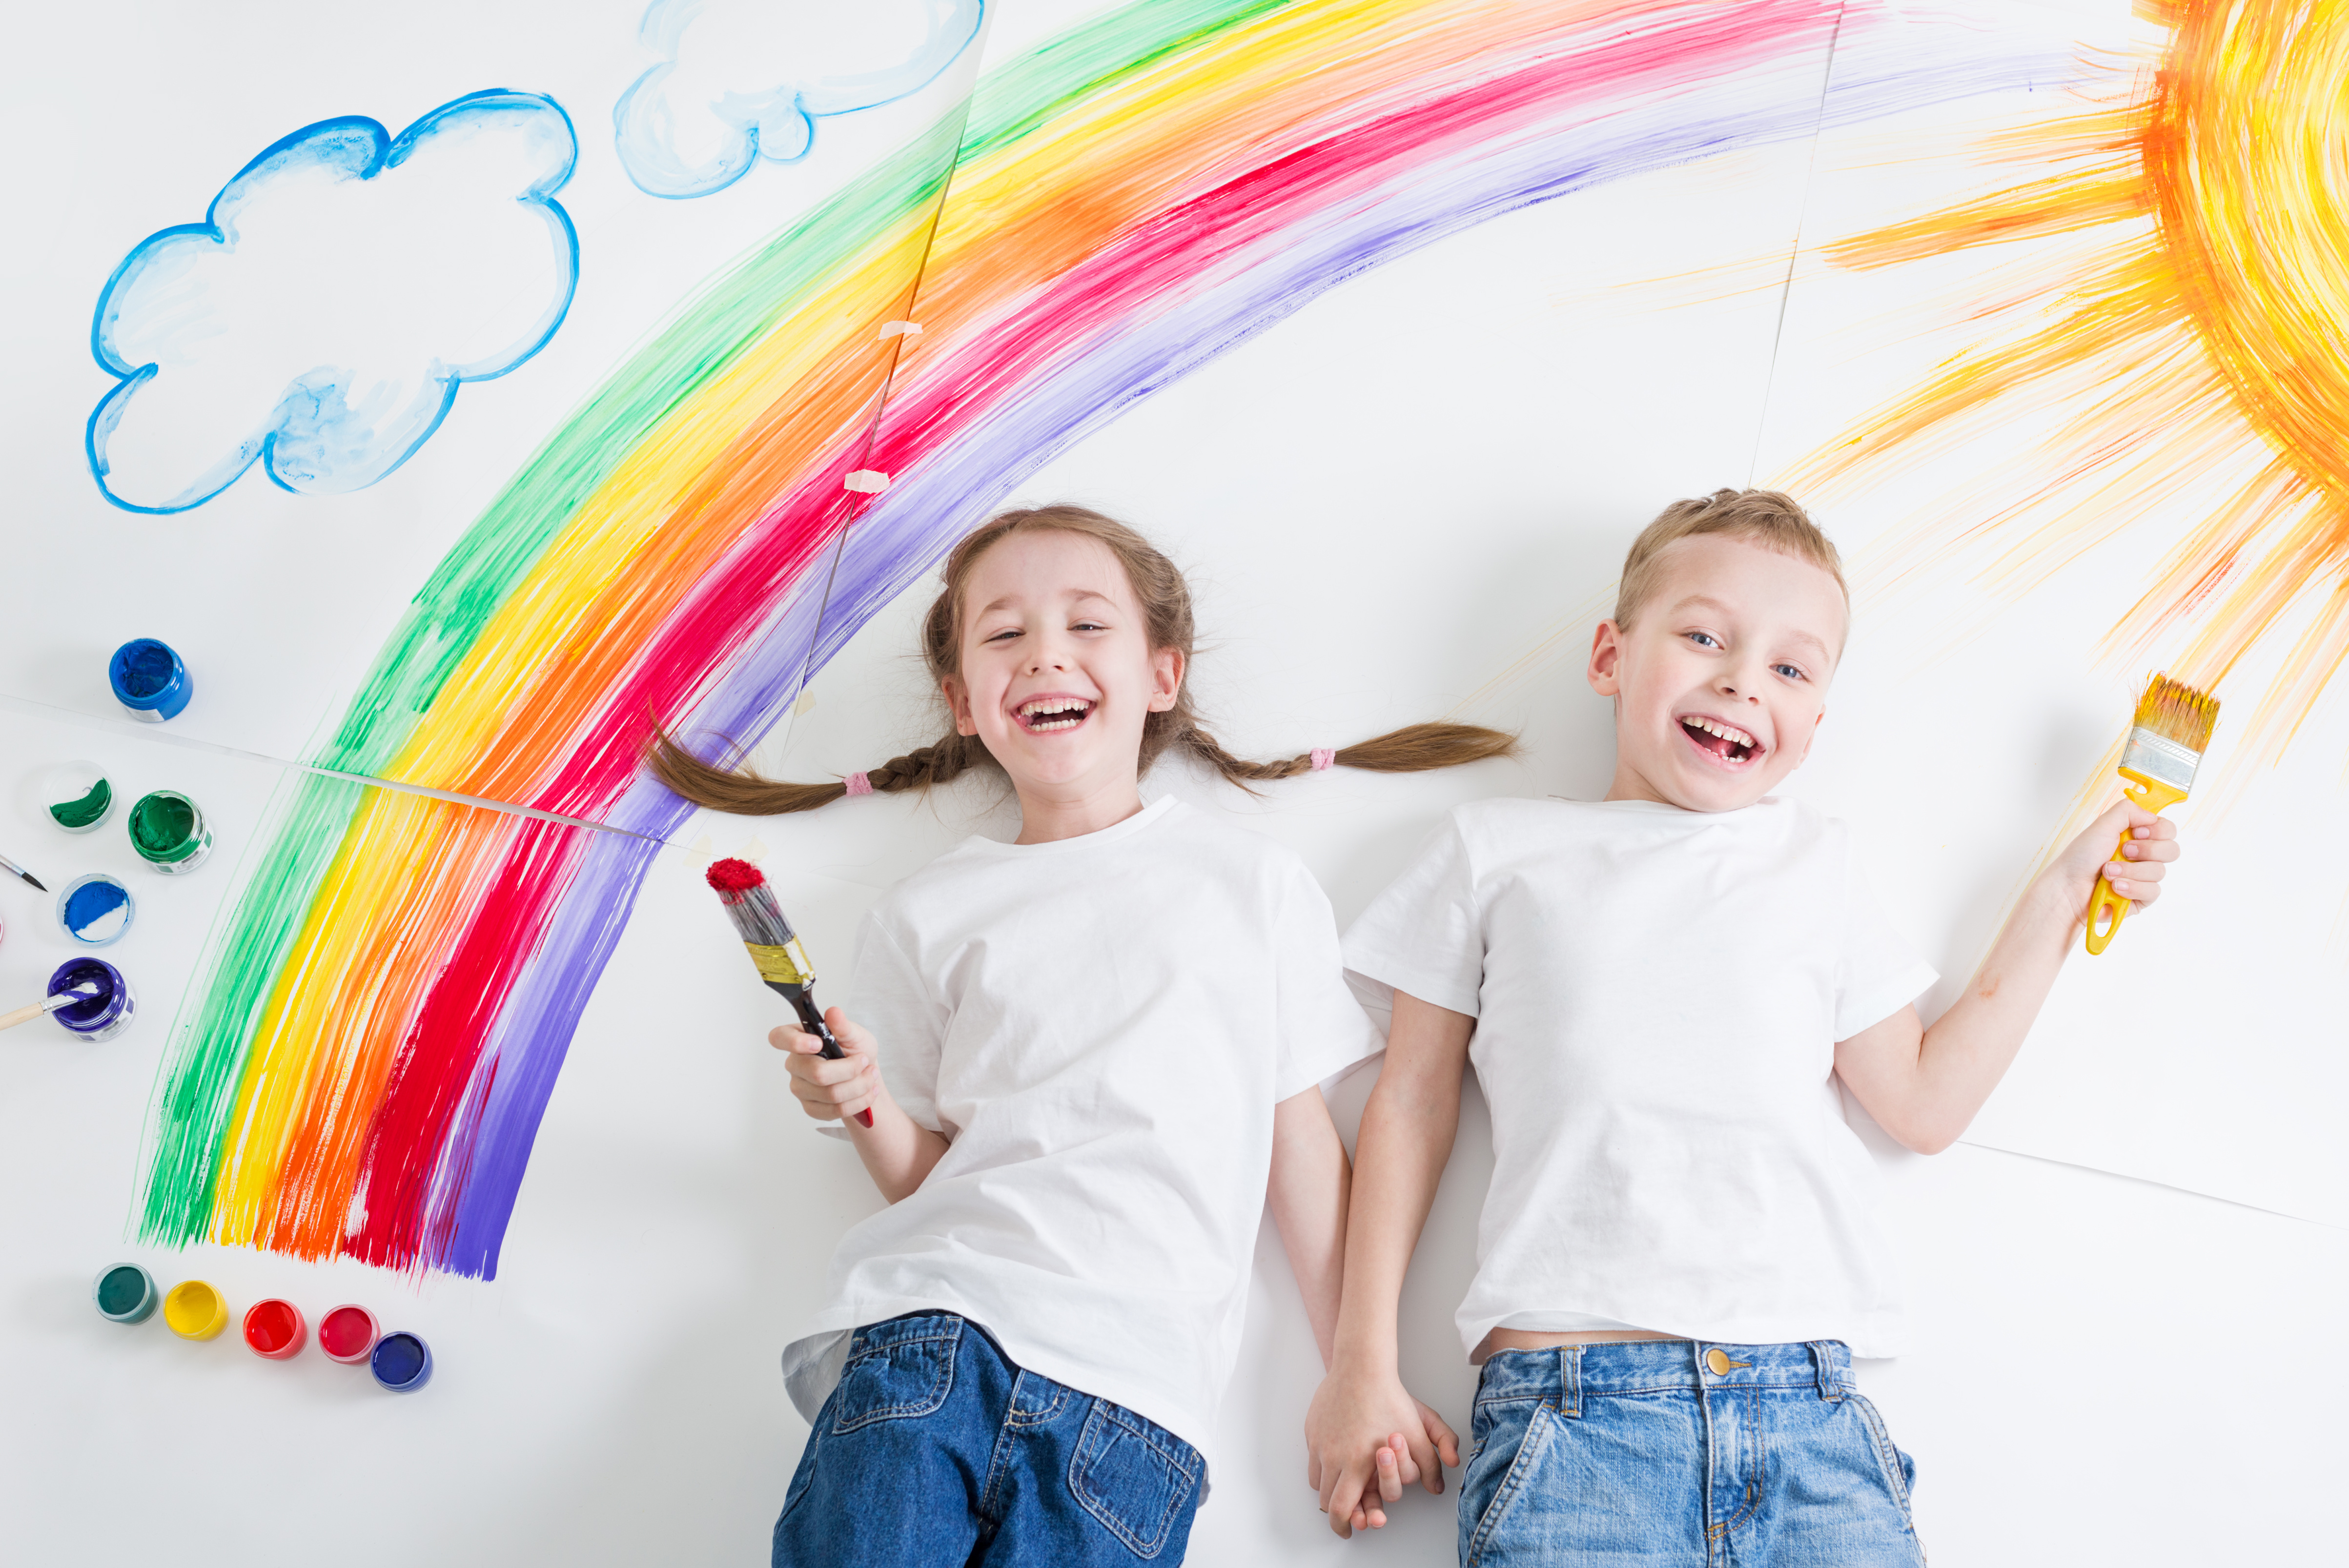 Forsidebilde - Design med og for barn